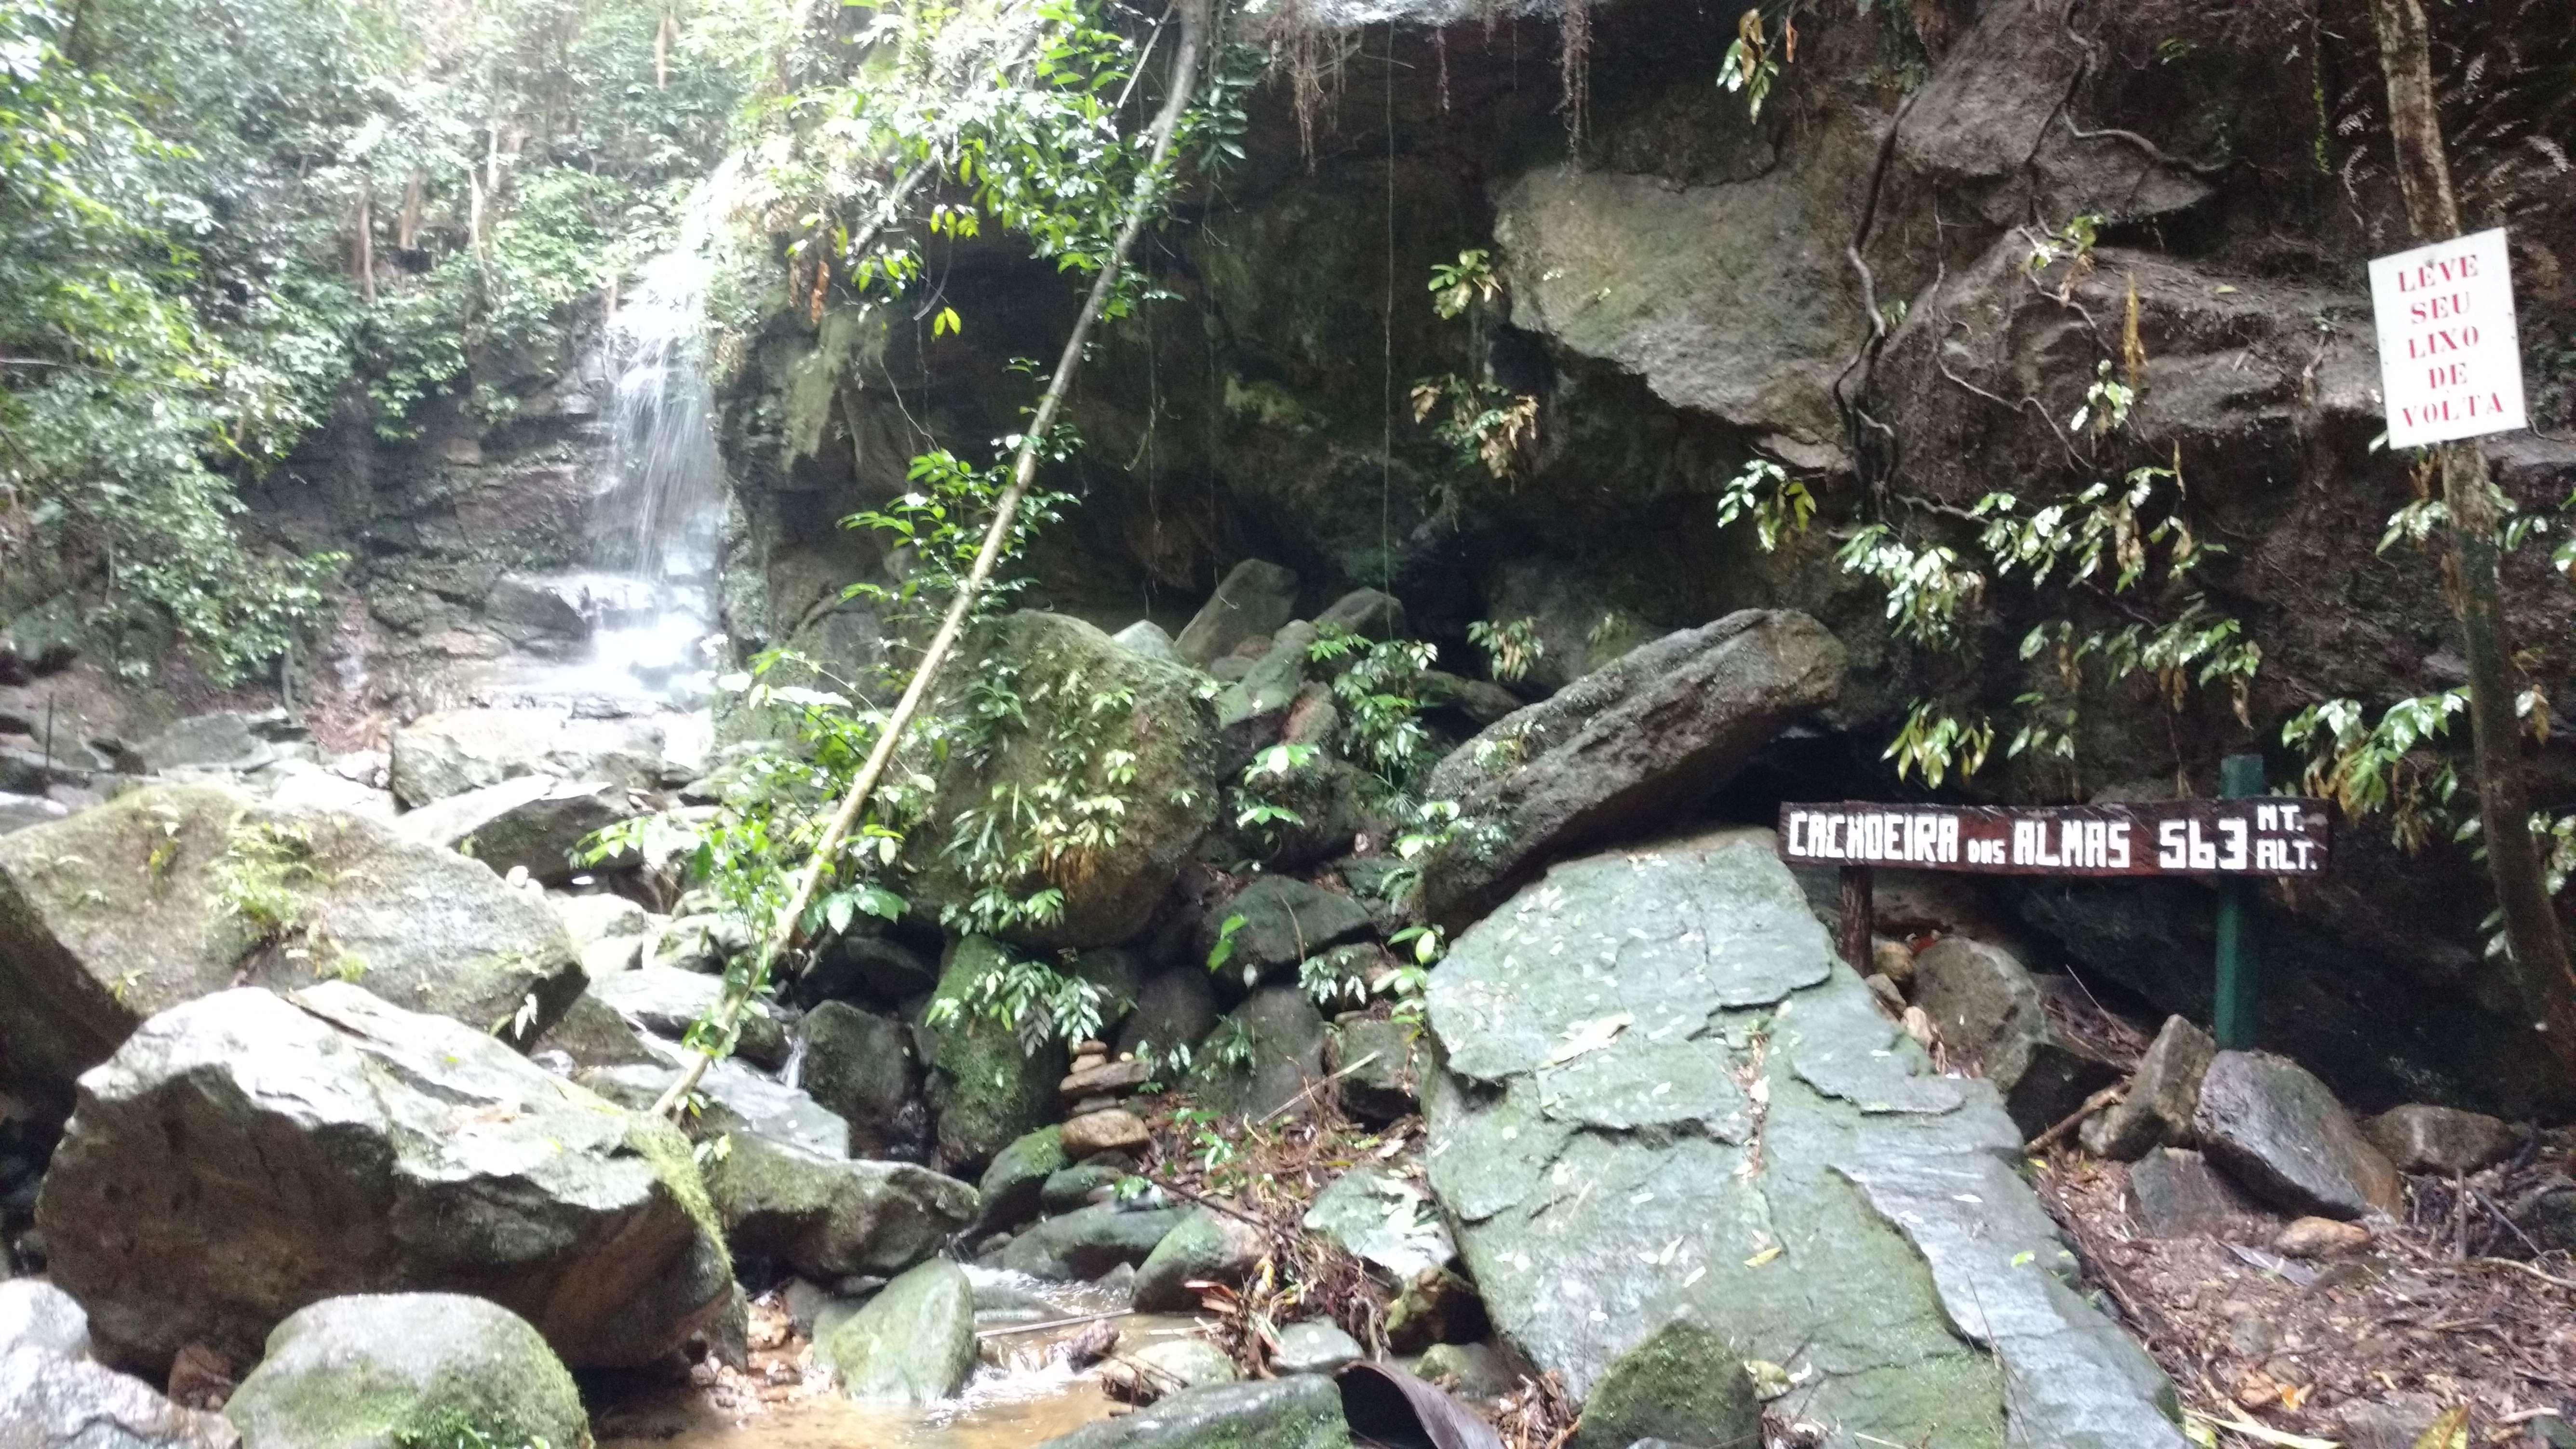 cachoeira-das-almas-vamos-trilhar